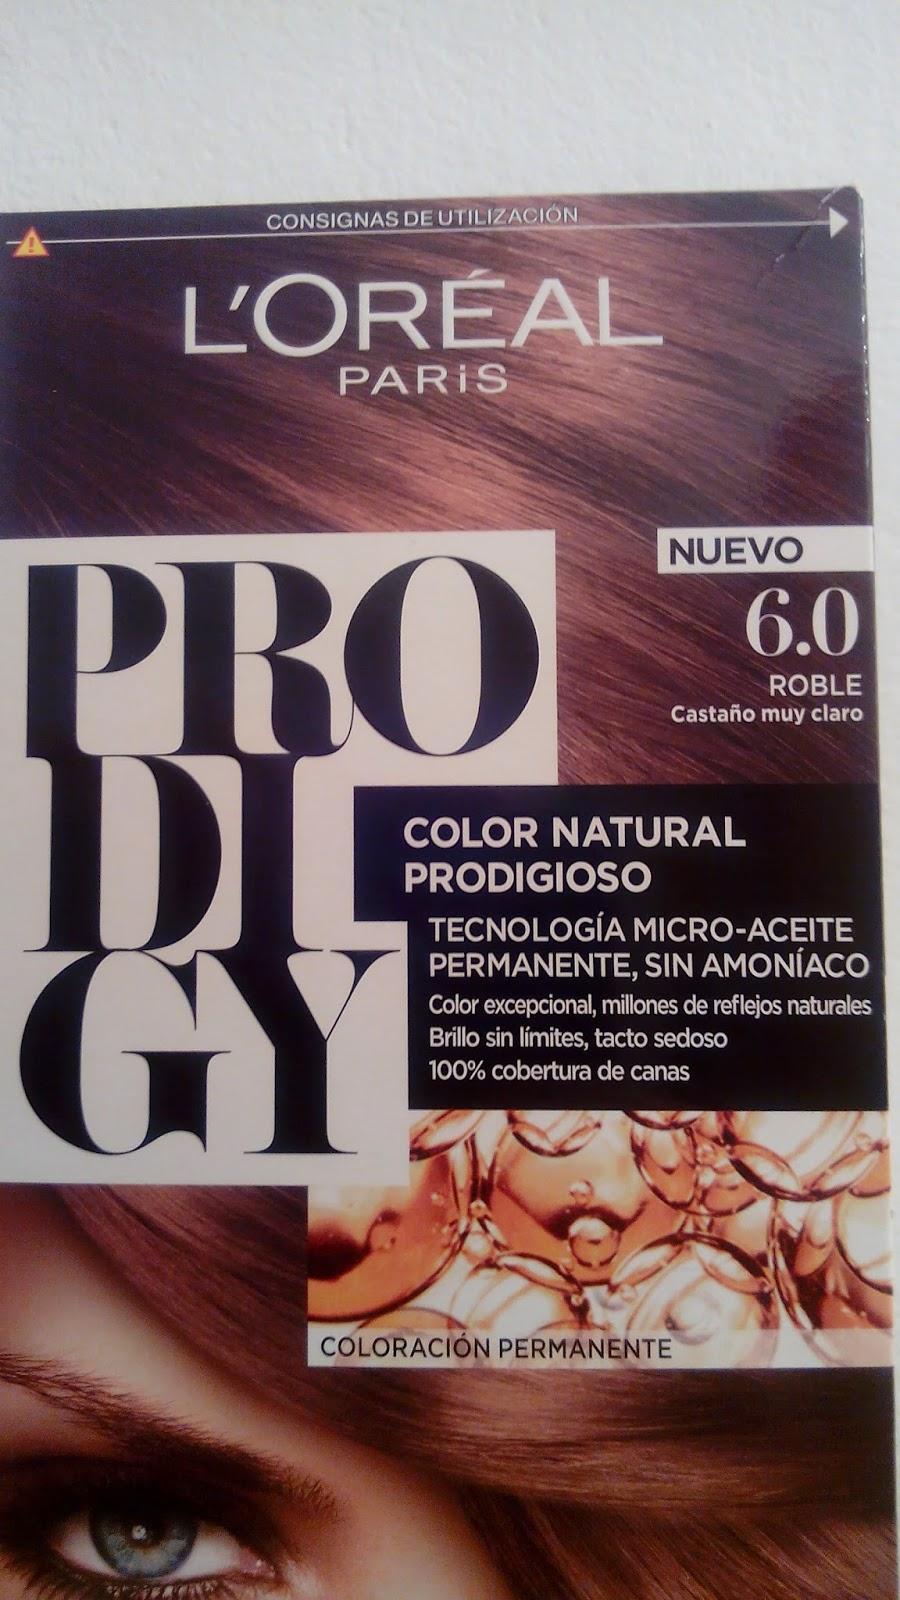 productos estrella del 2014 socap eva cosmetics exclusive seven freefarma tresemme